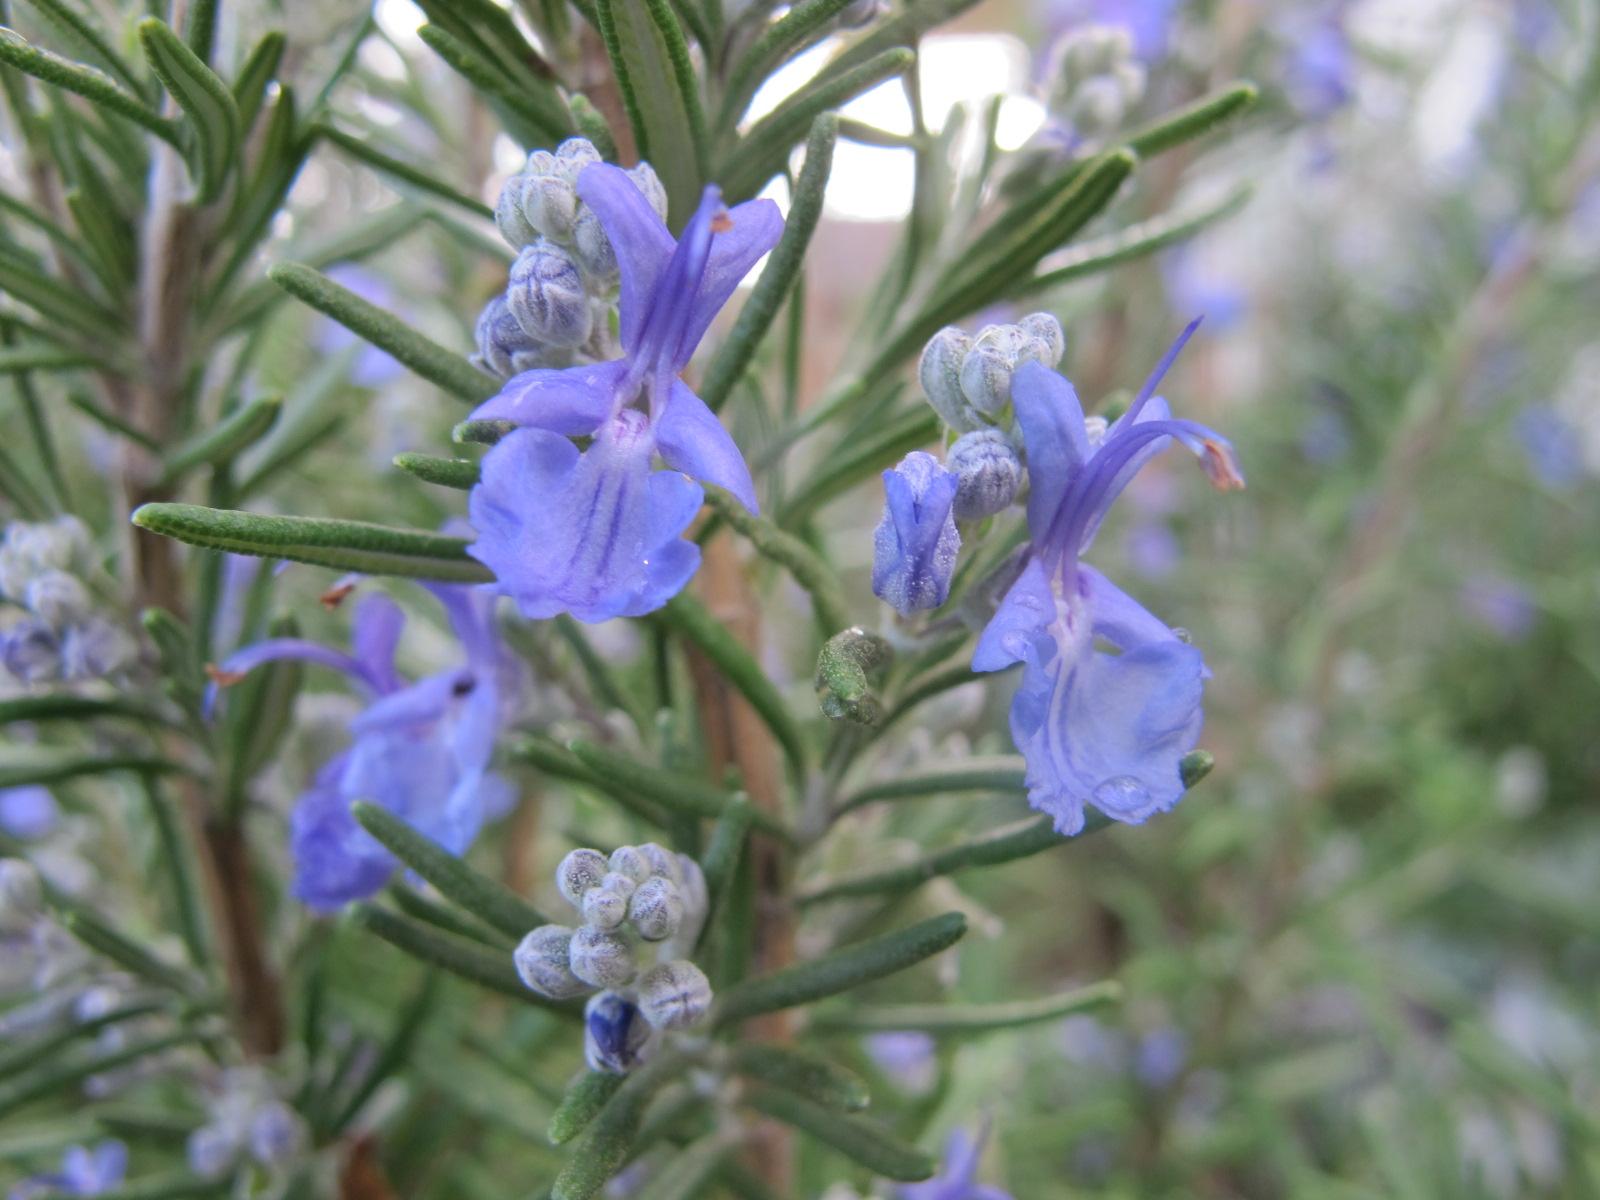 Rosemary_in_bloom.JPG